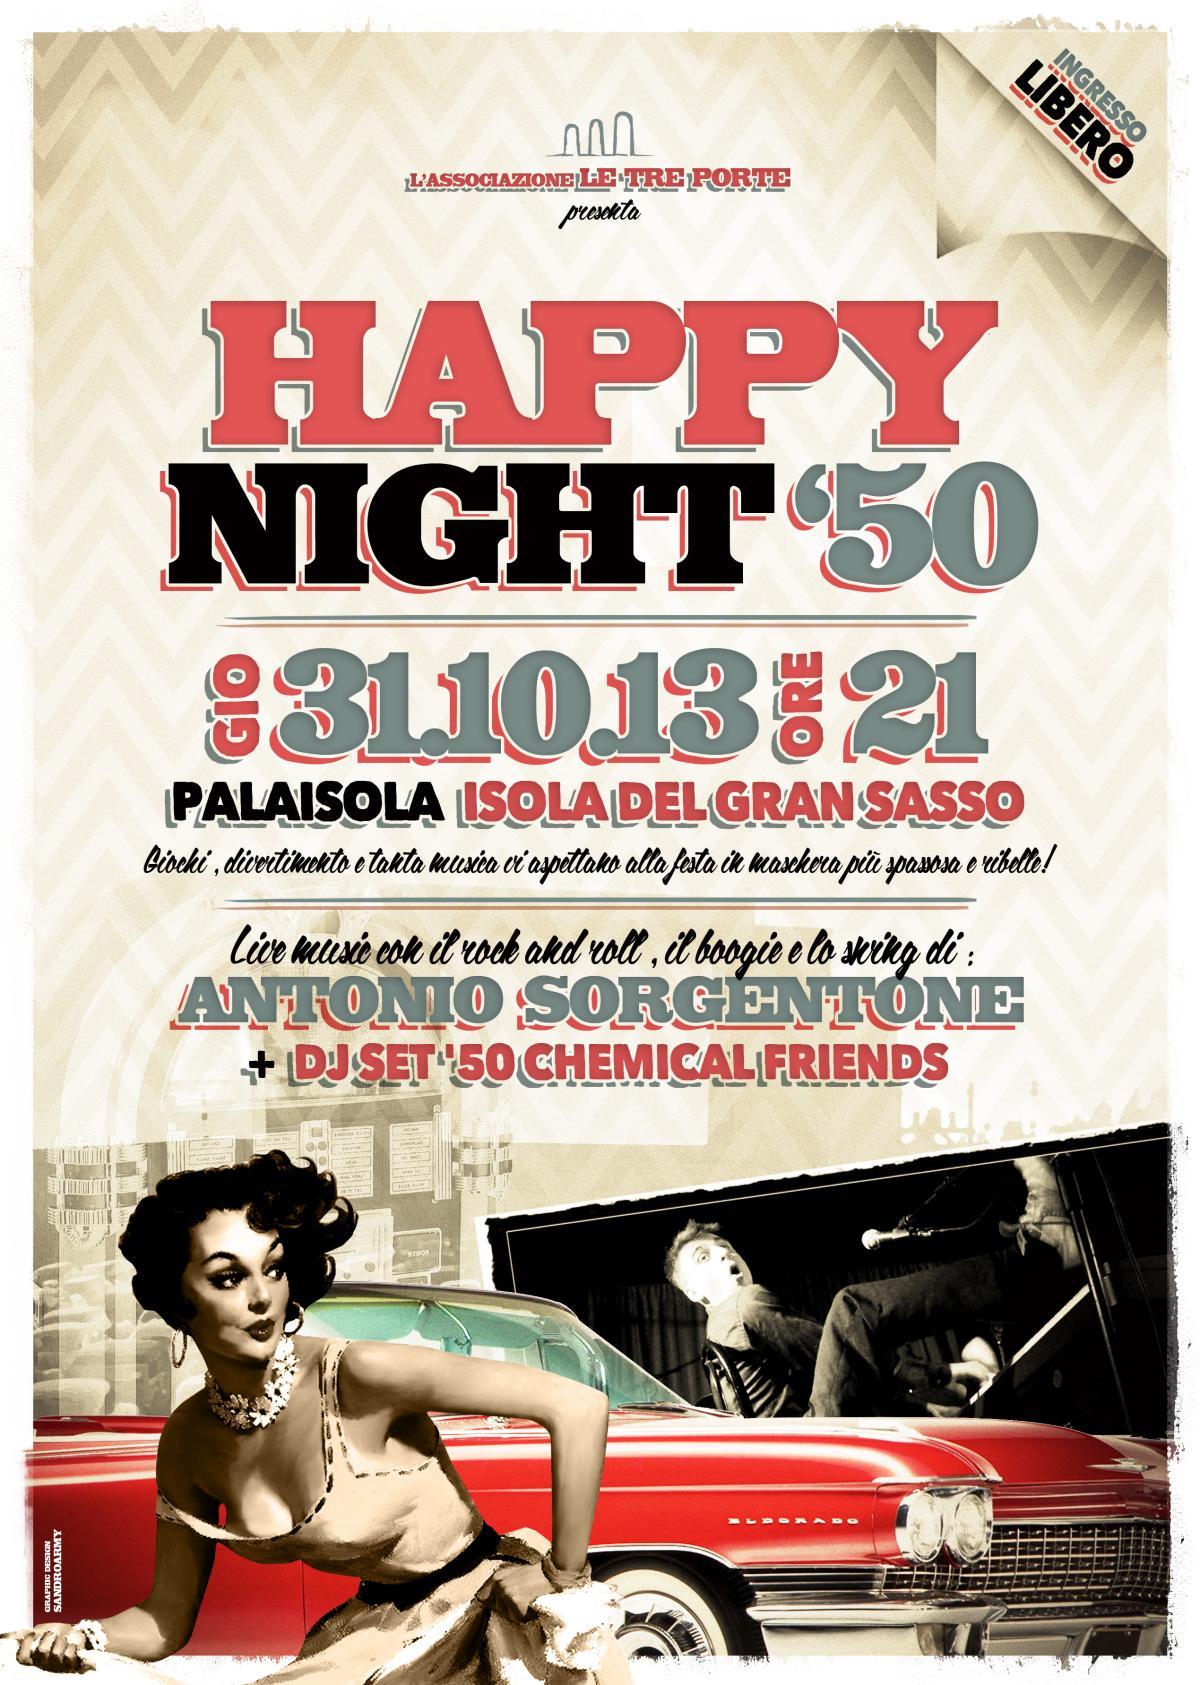 Happy Night '50 – 31.10.13